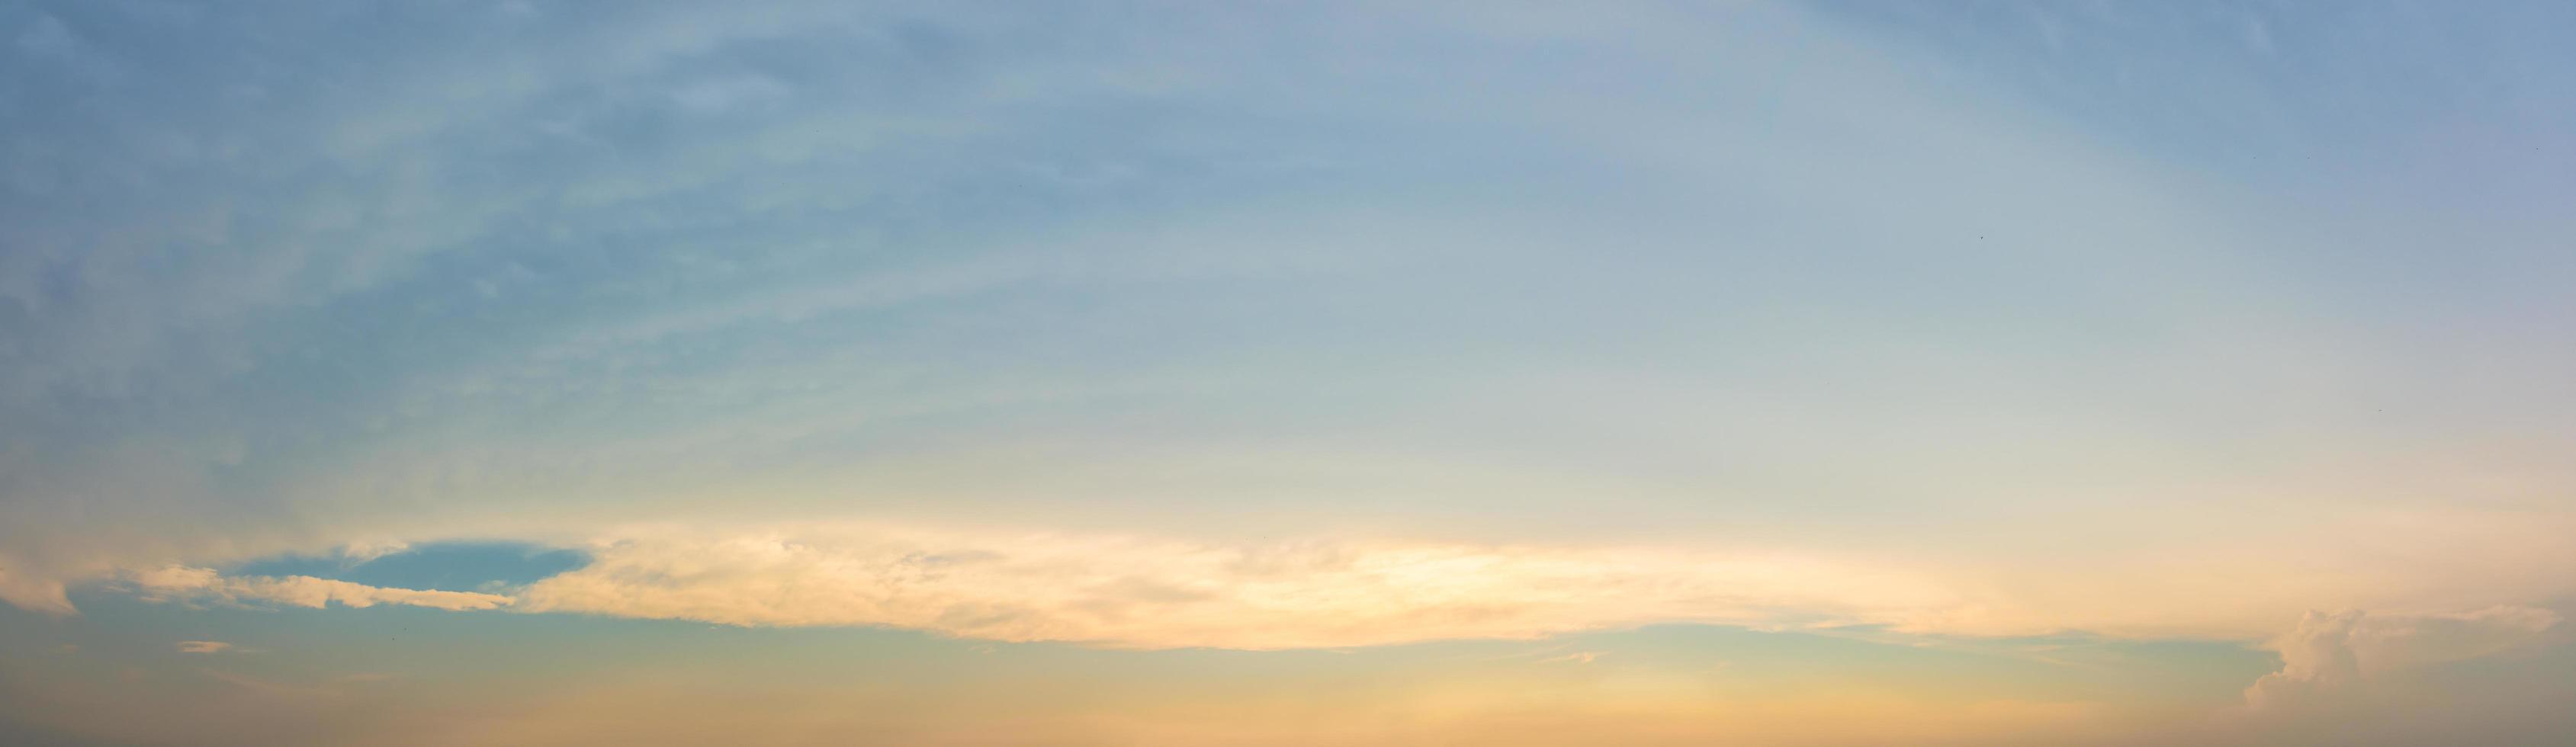 cielo azzurro con nuvole al tramonto foto